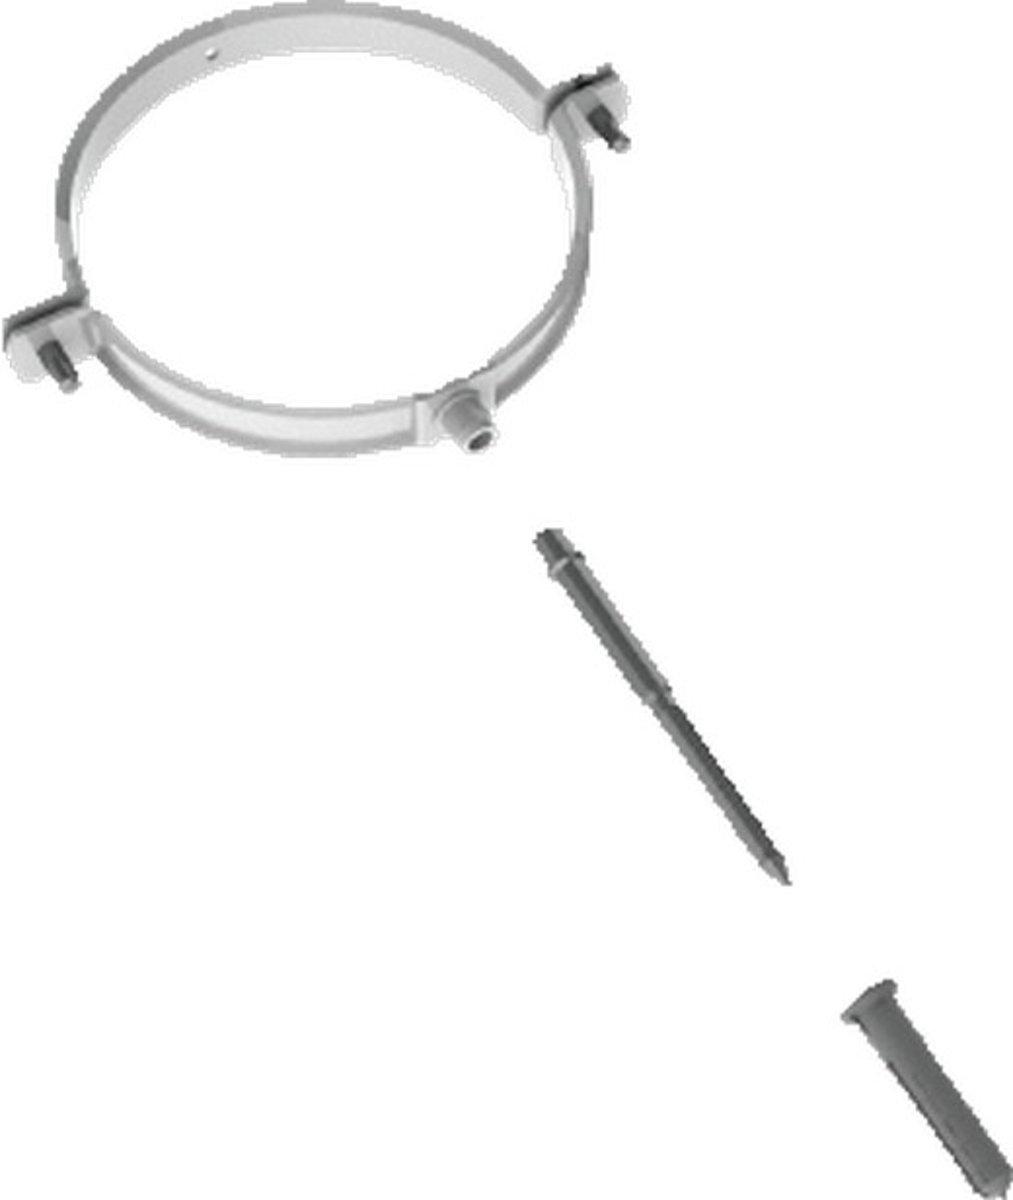 BUHO tweedelige beugel Alu-fix, alu, wit, uitw buisdiam 100 - 0mm kopen